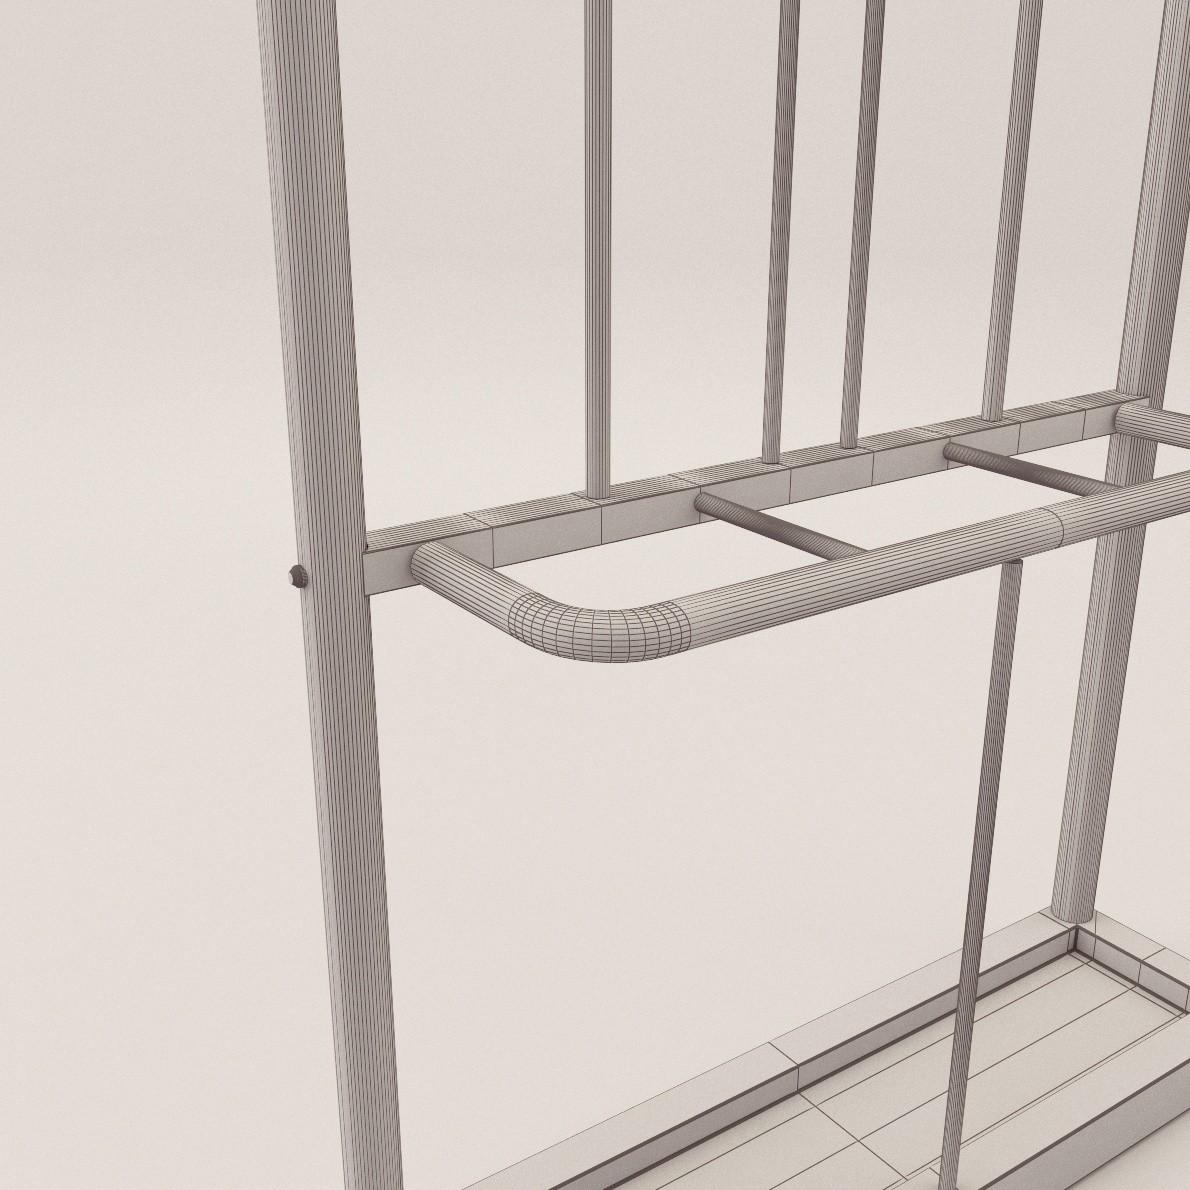 Art Deco Clothes Rack 3d Realistic Model Artium3d